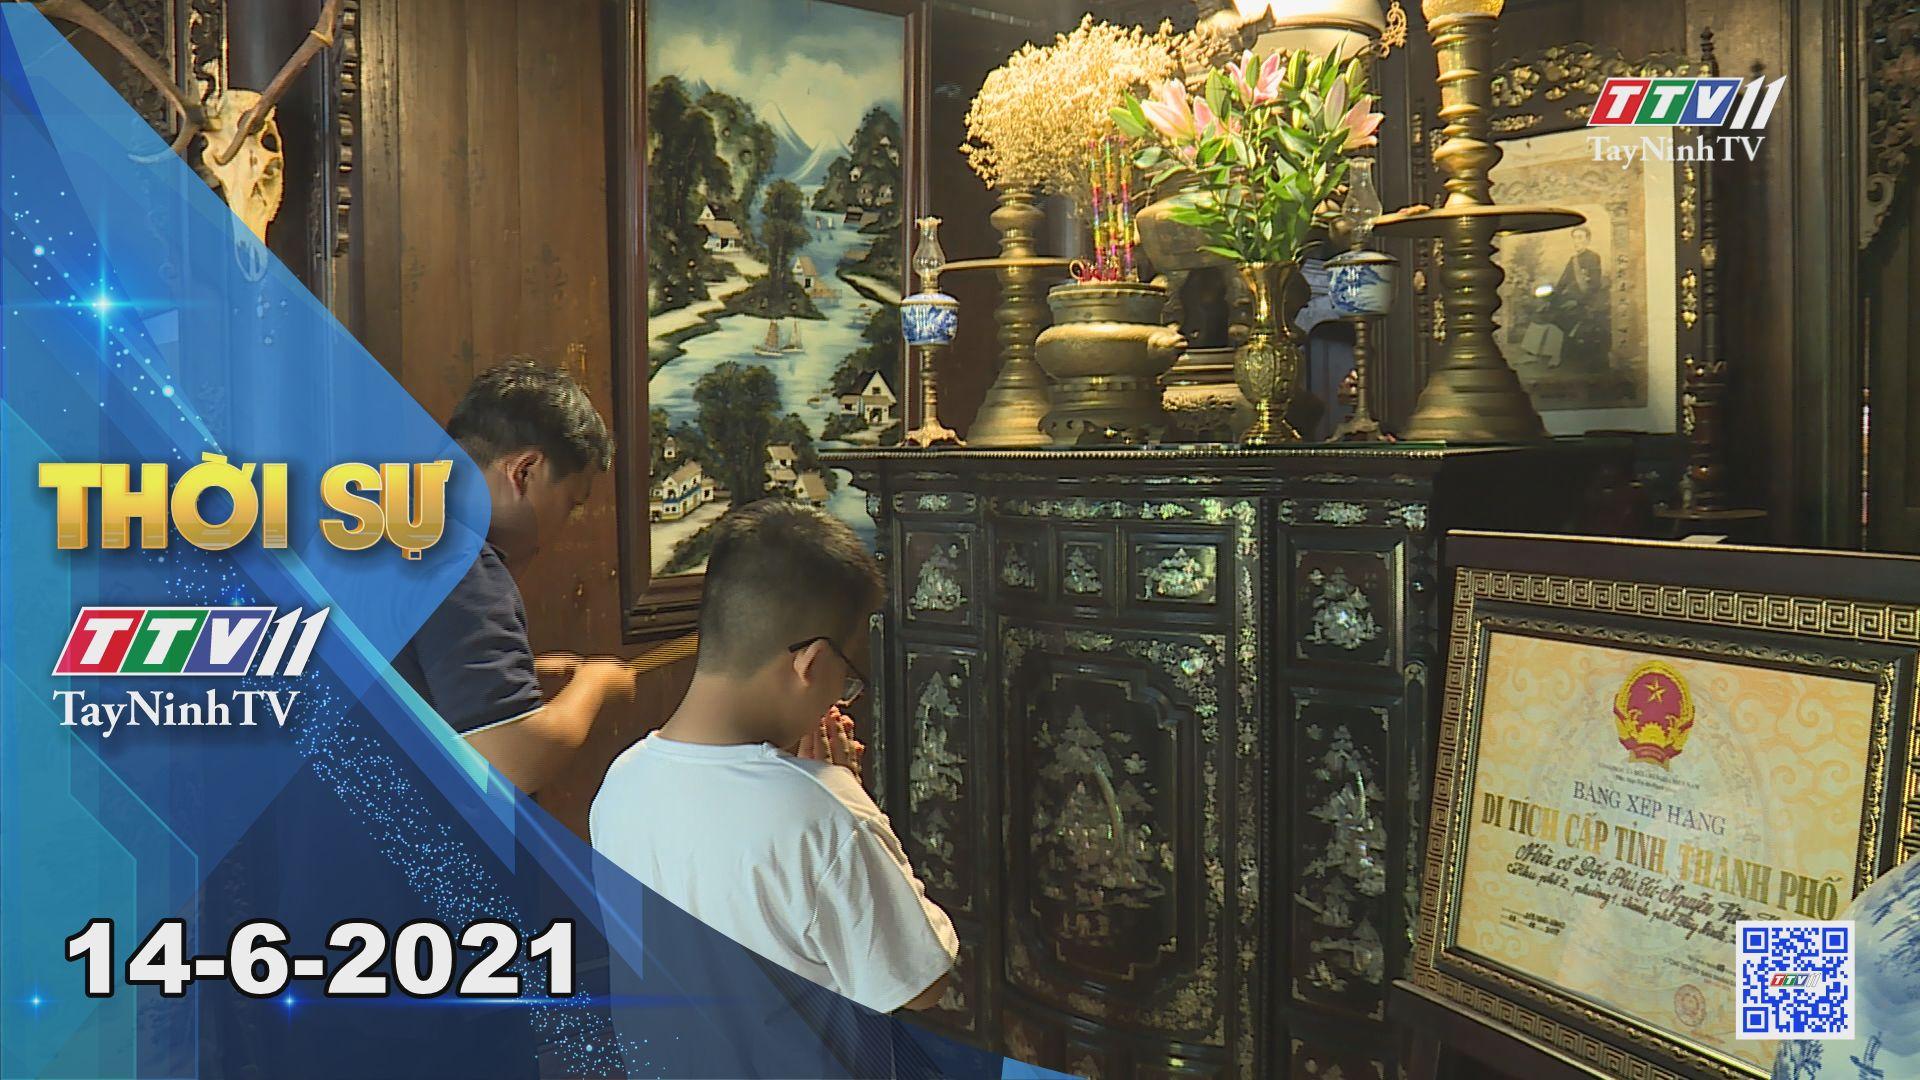 Thời sự Tây Ninh 14-6-2021 | Tin tức hôm nay | TayNinhTV